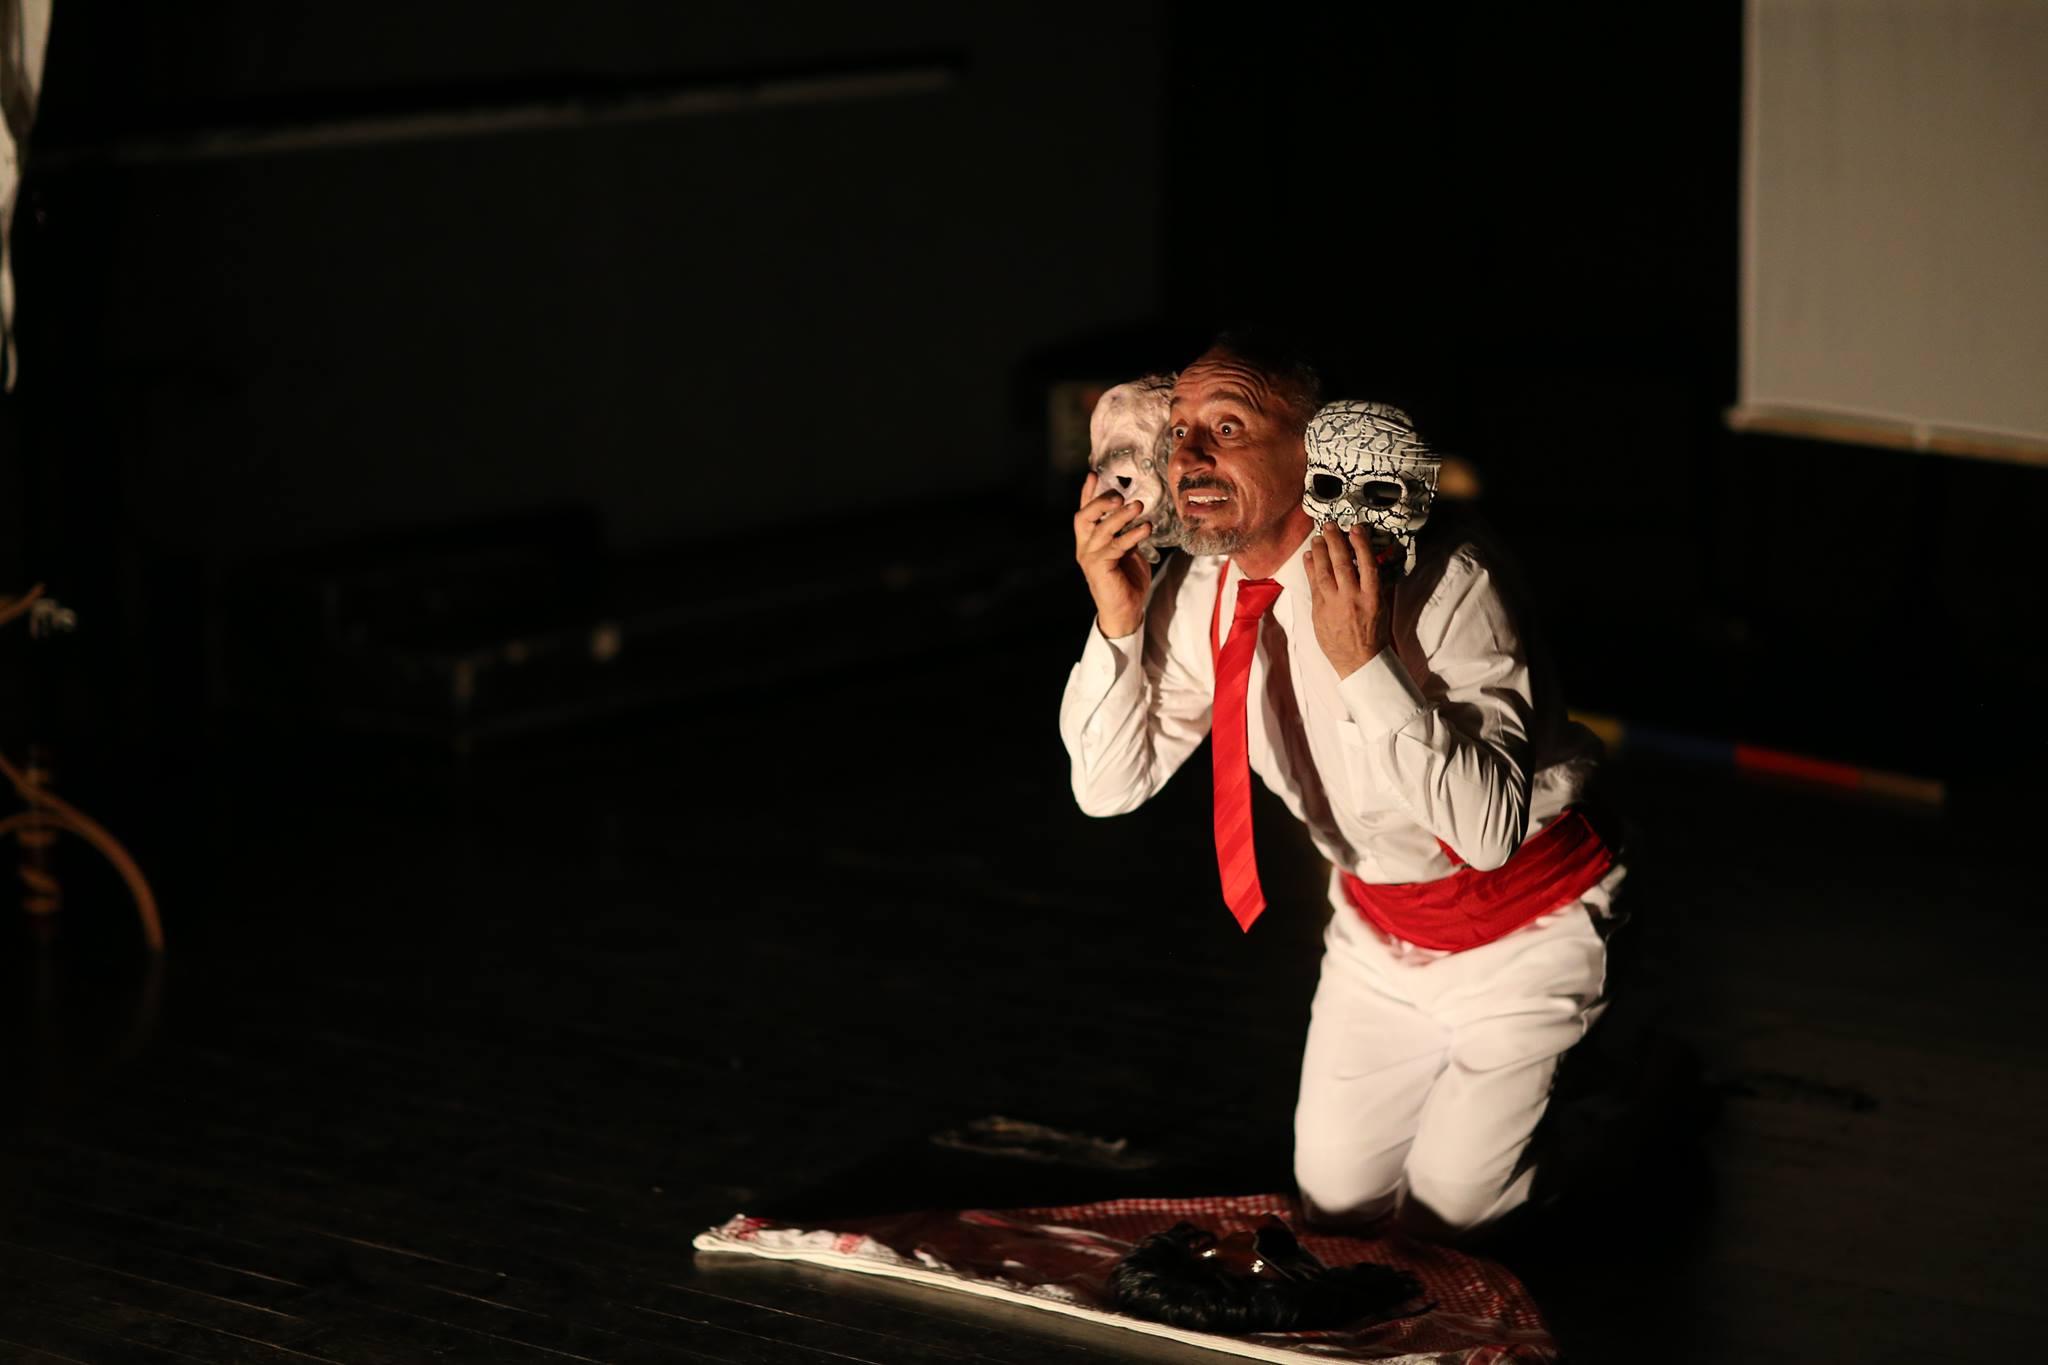 Actor en escena interpretando un personaje. En el que el actor se encuentra hincado con una expresión entre asombro y felicidad, sujetando dos máscaras, una diferente a la otra y colocadas a los lados de su cara.